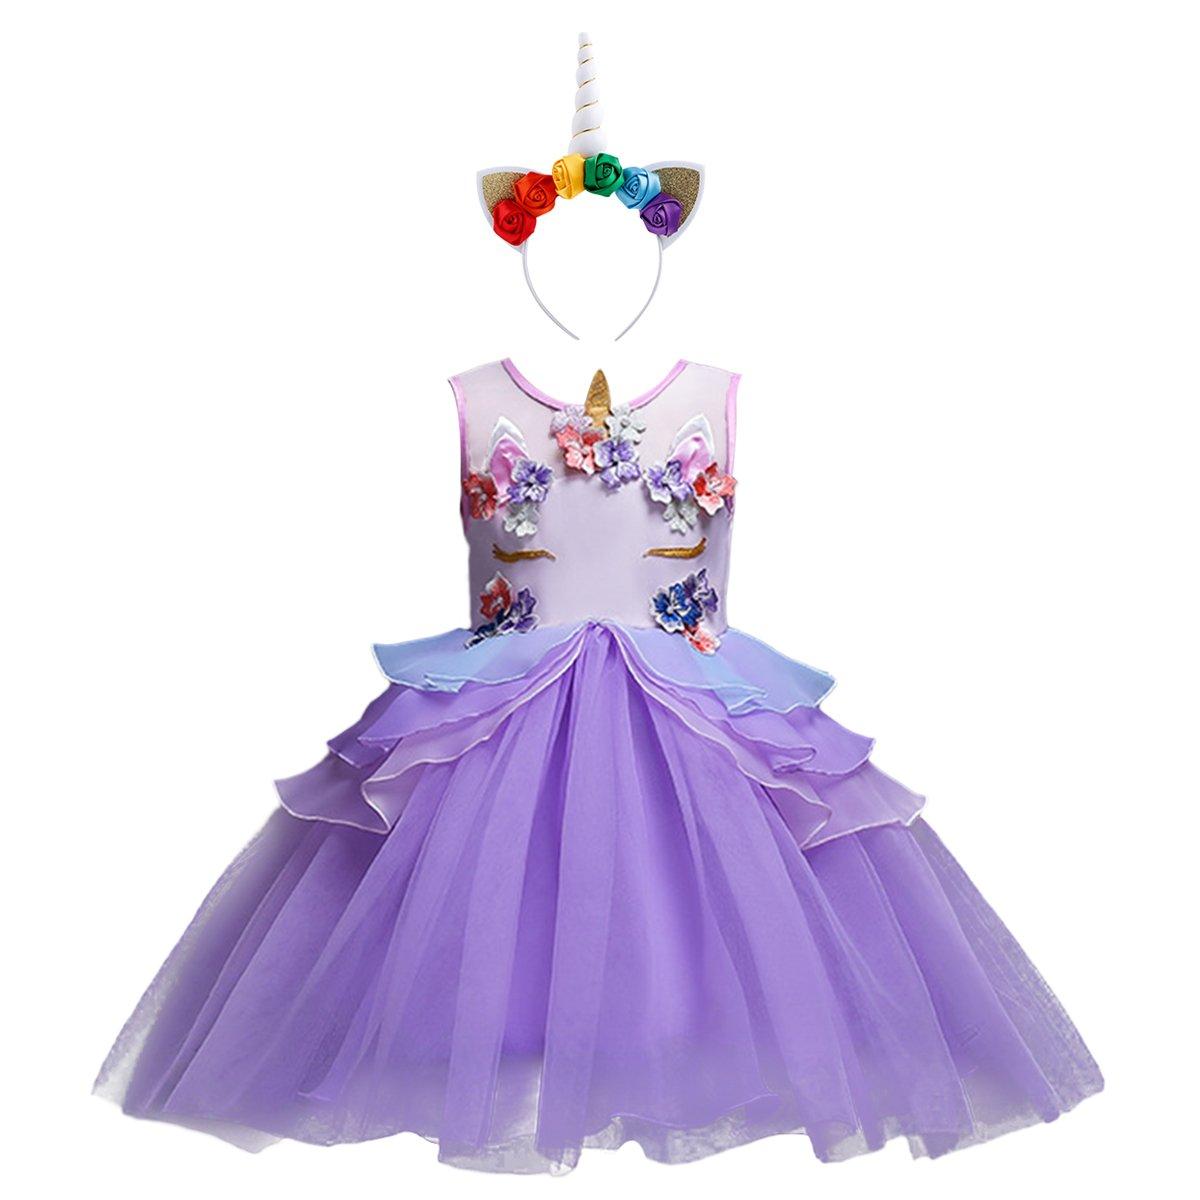 Niña Vestido 2PCS Princesa Unicornio Disfraz de Verano Cosplay Tutu ...